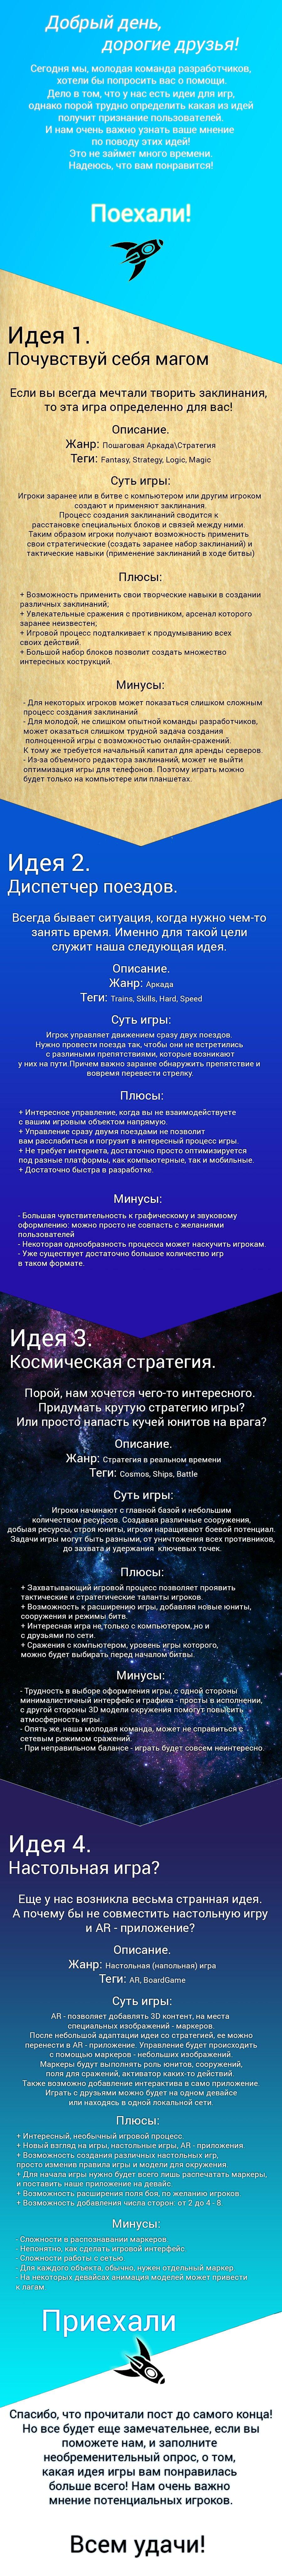 Помогите выбрать идею для разработки игры!) - Изображение 1